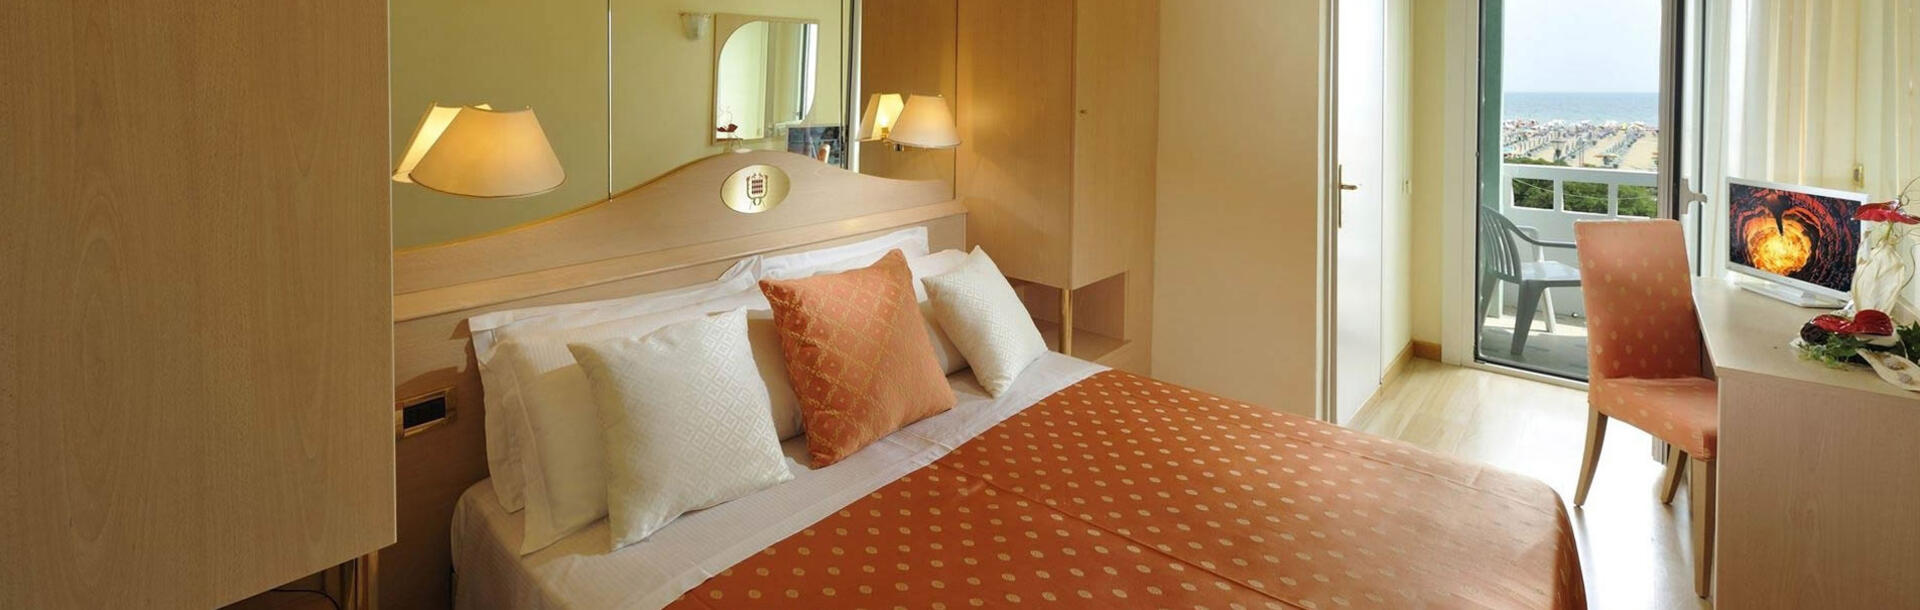 hotel-montecarlo pl pokoj-economy-bibione 014